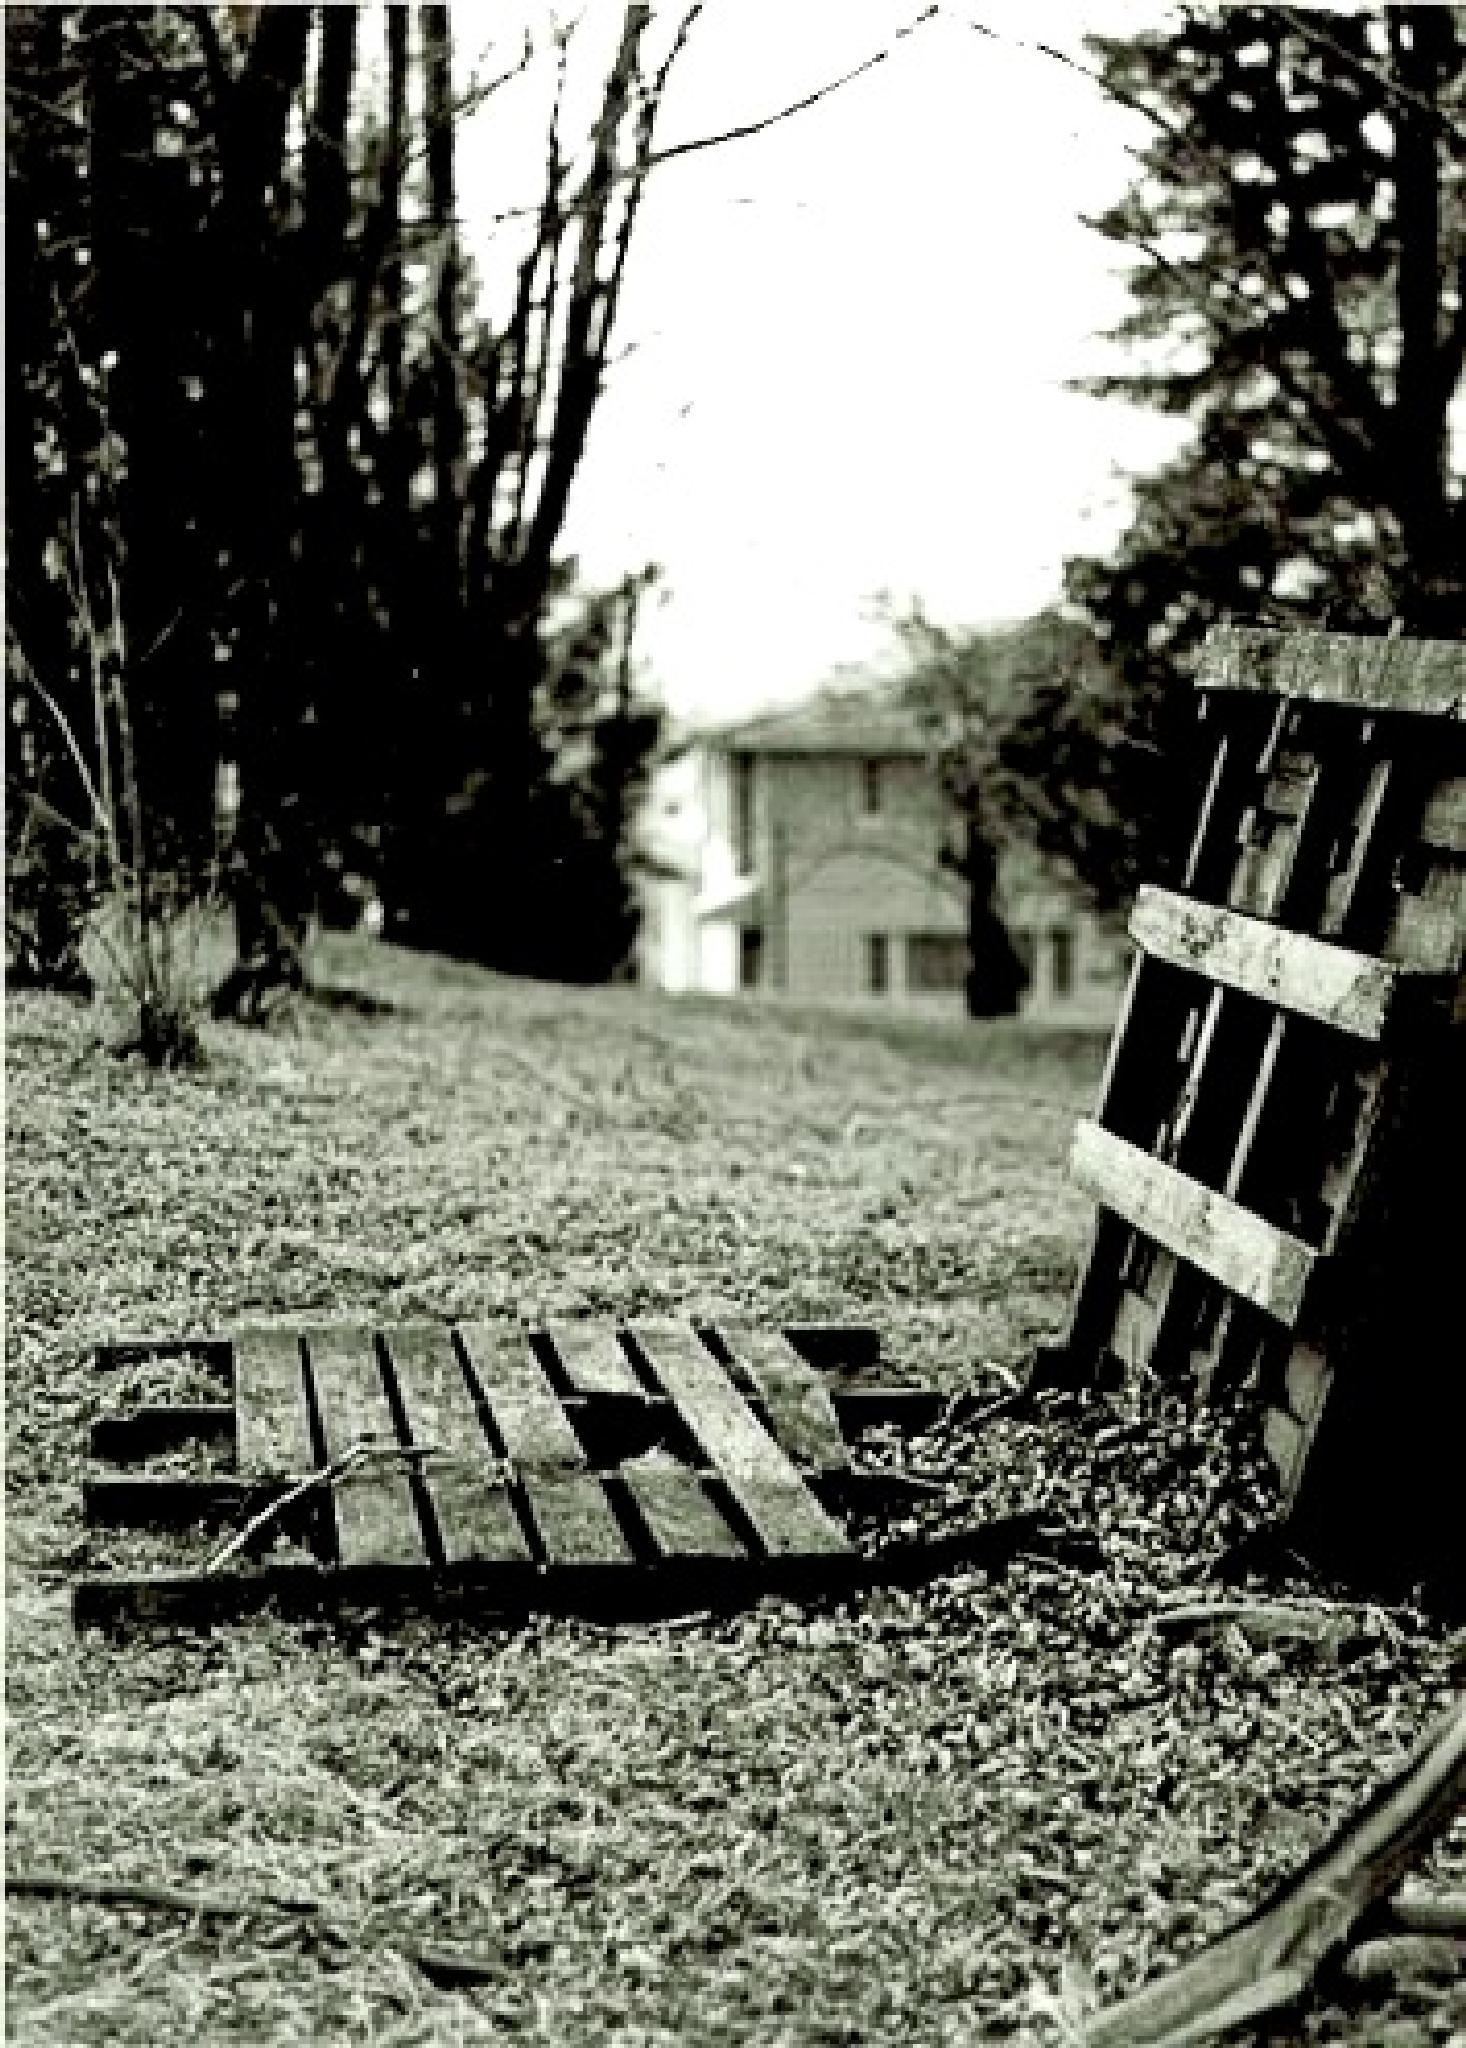 empty space by pgavin5000